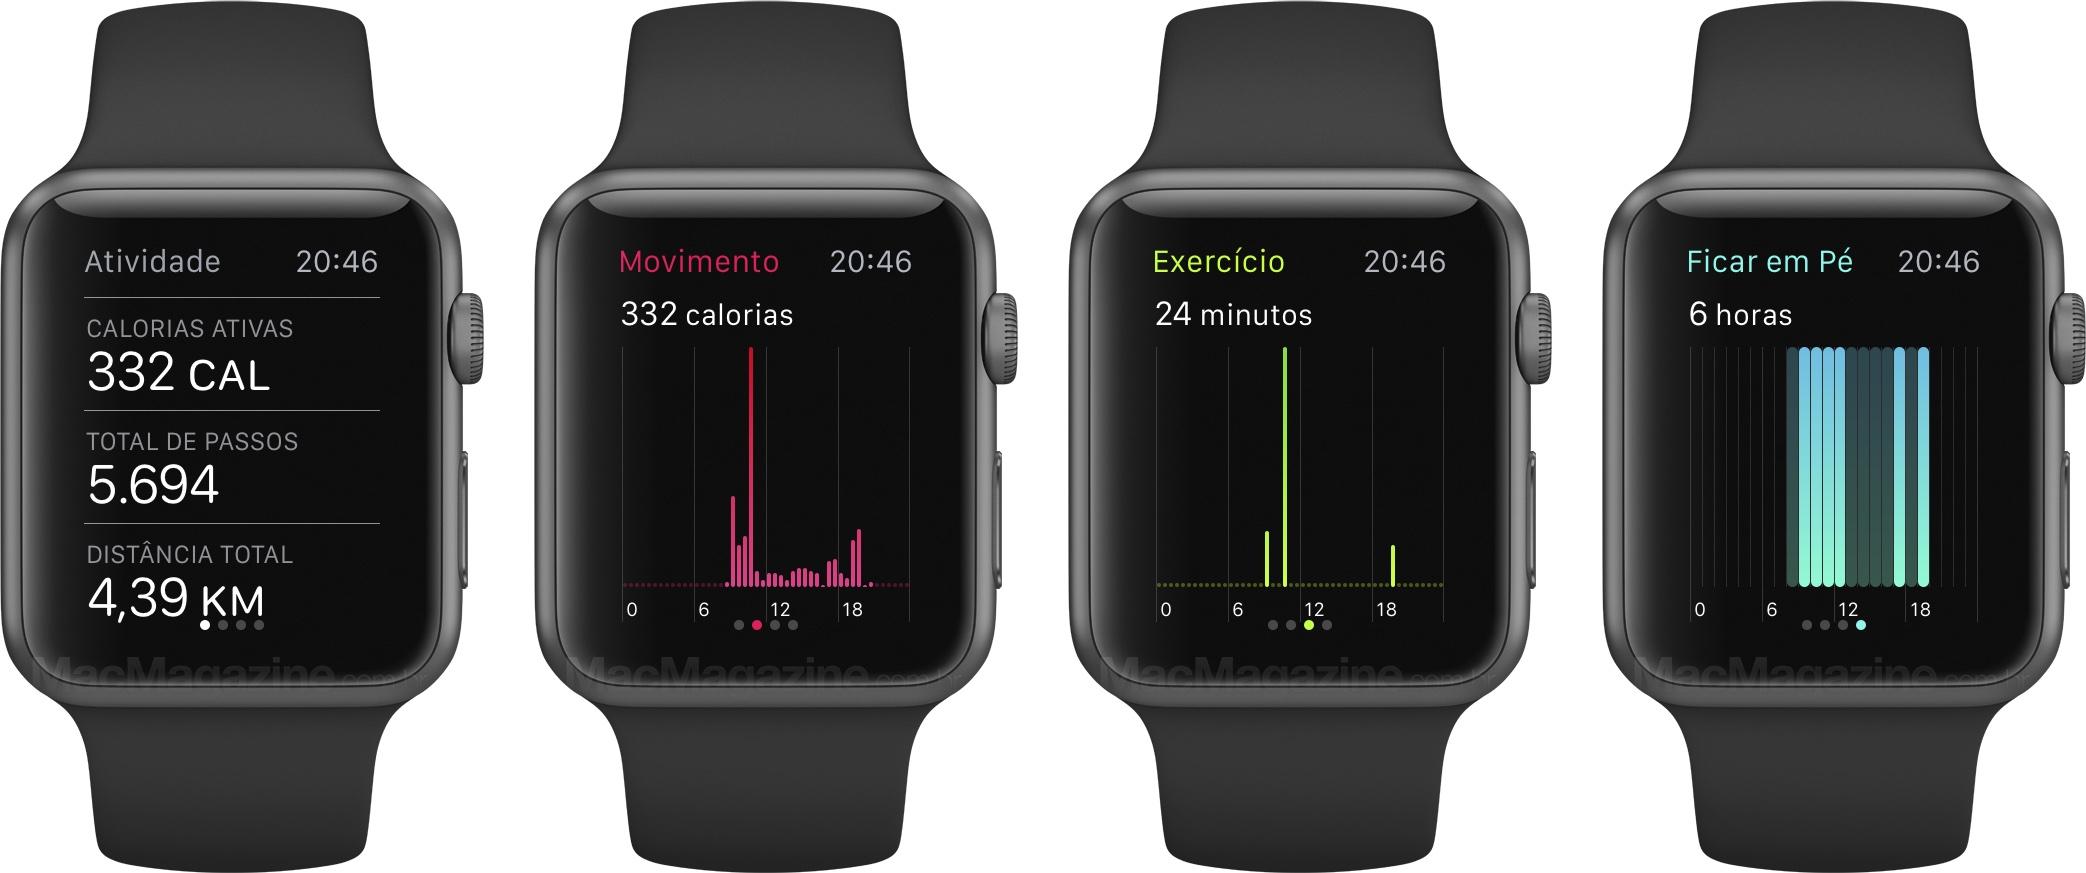 Review do Apple Watch - Atividade